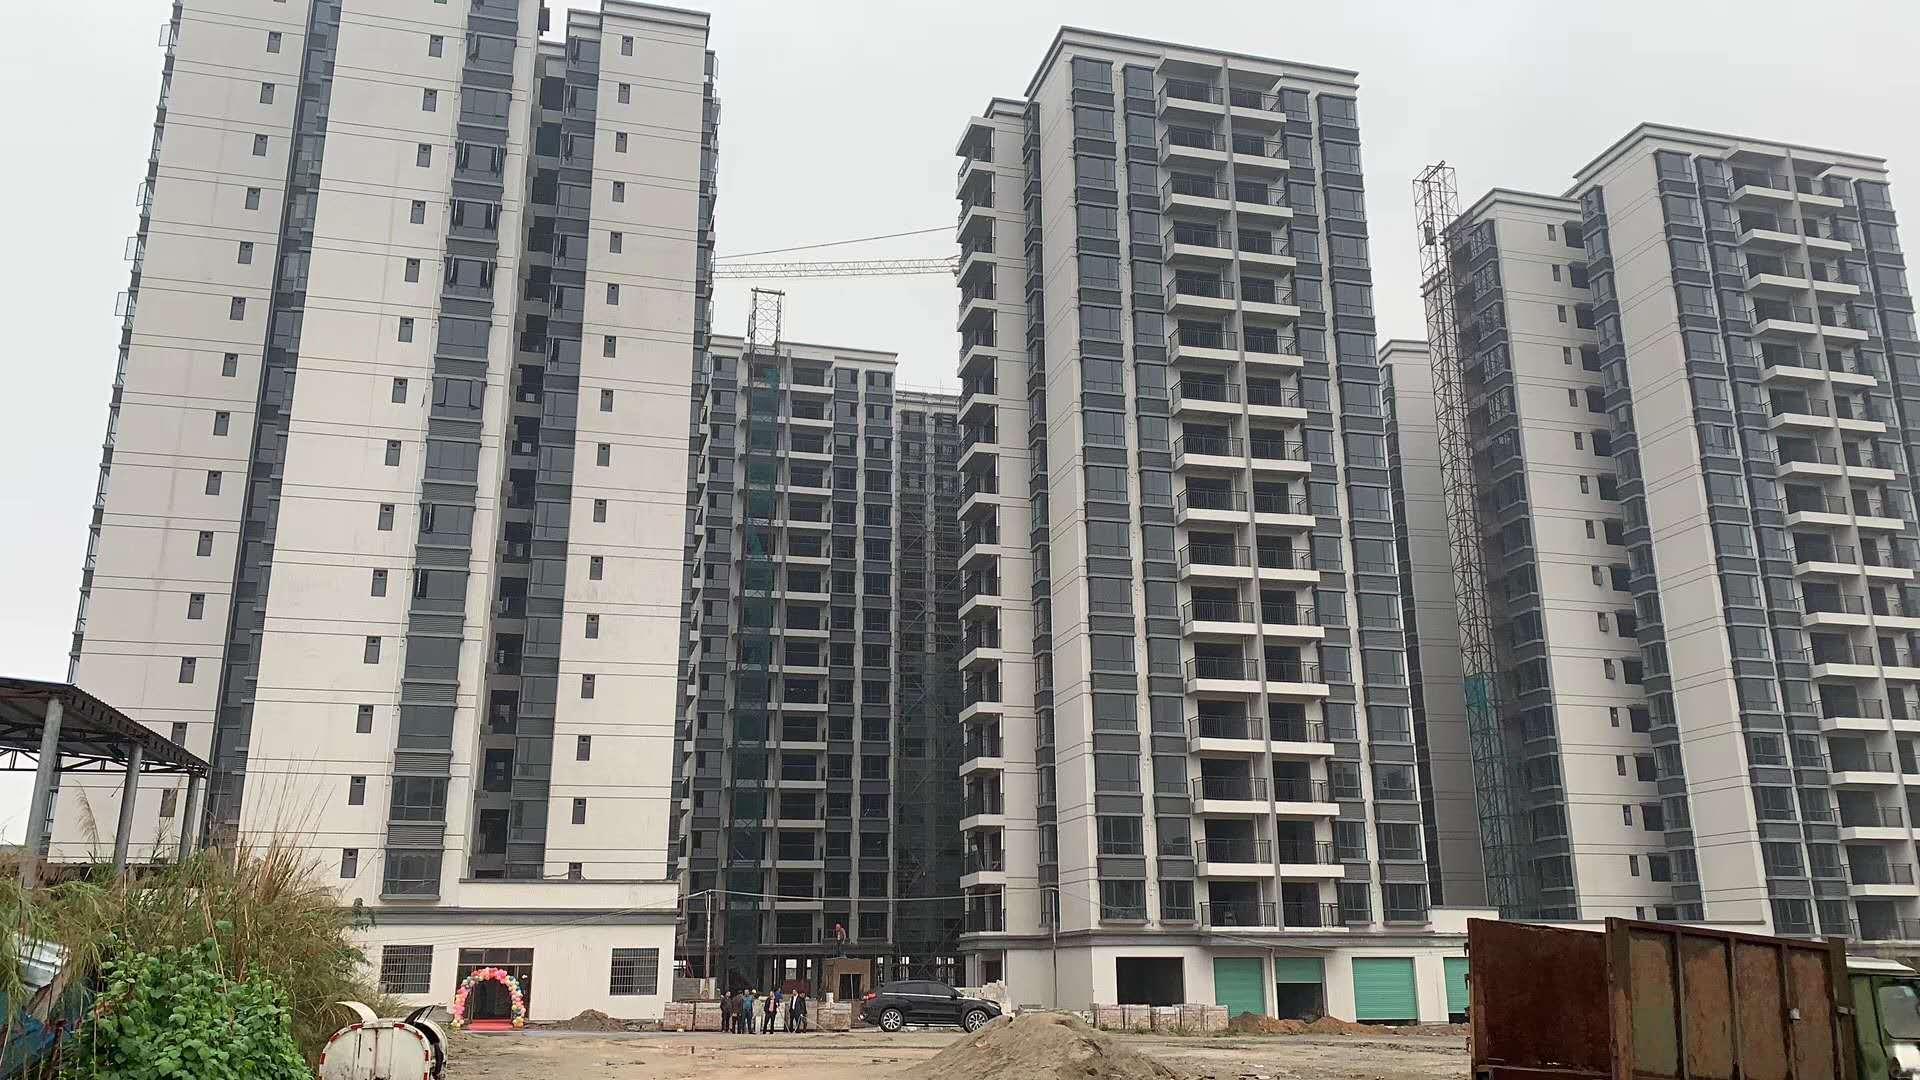 惠东小产权房-白花名苑 惠州8栋花园小区房3380起价